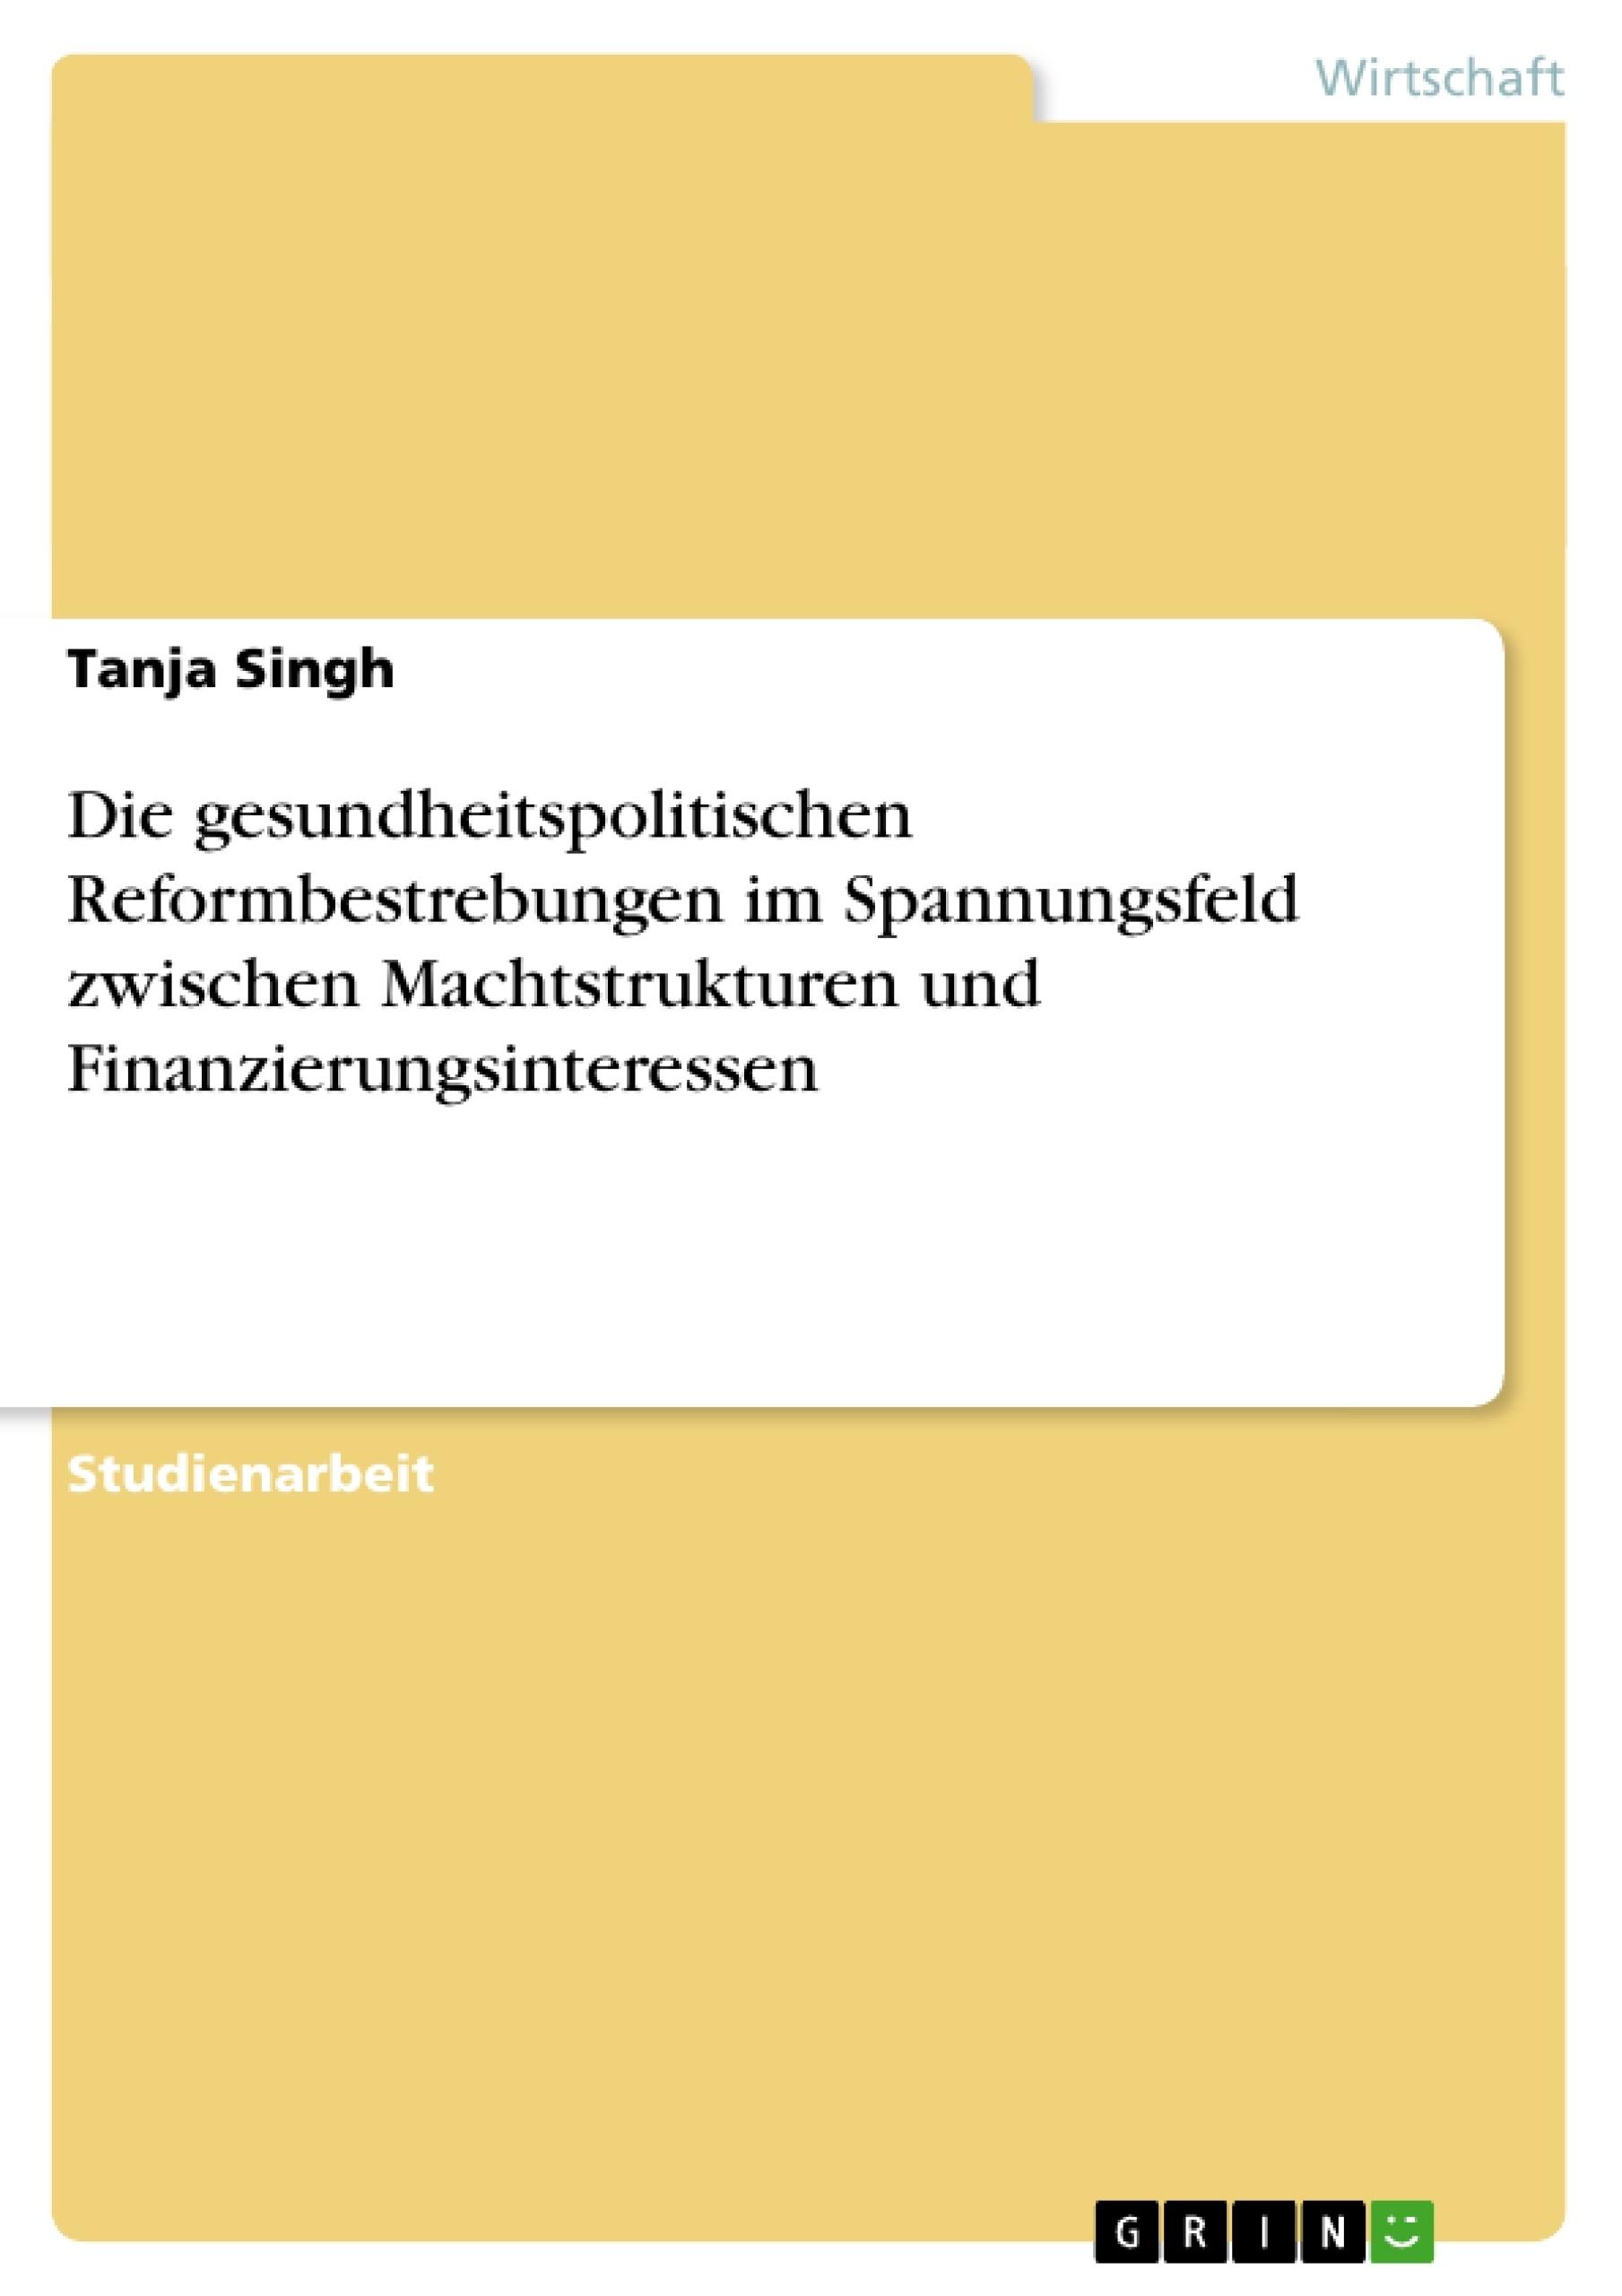 Titel: Die gesundheitspolitischen Reformbestrebungen im Spannungsfeld zwischen Machtstrukturen und Finanzierungsinteressen